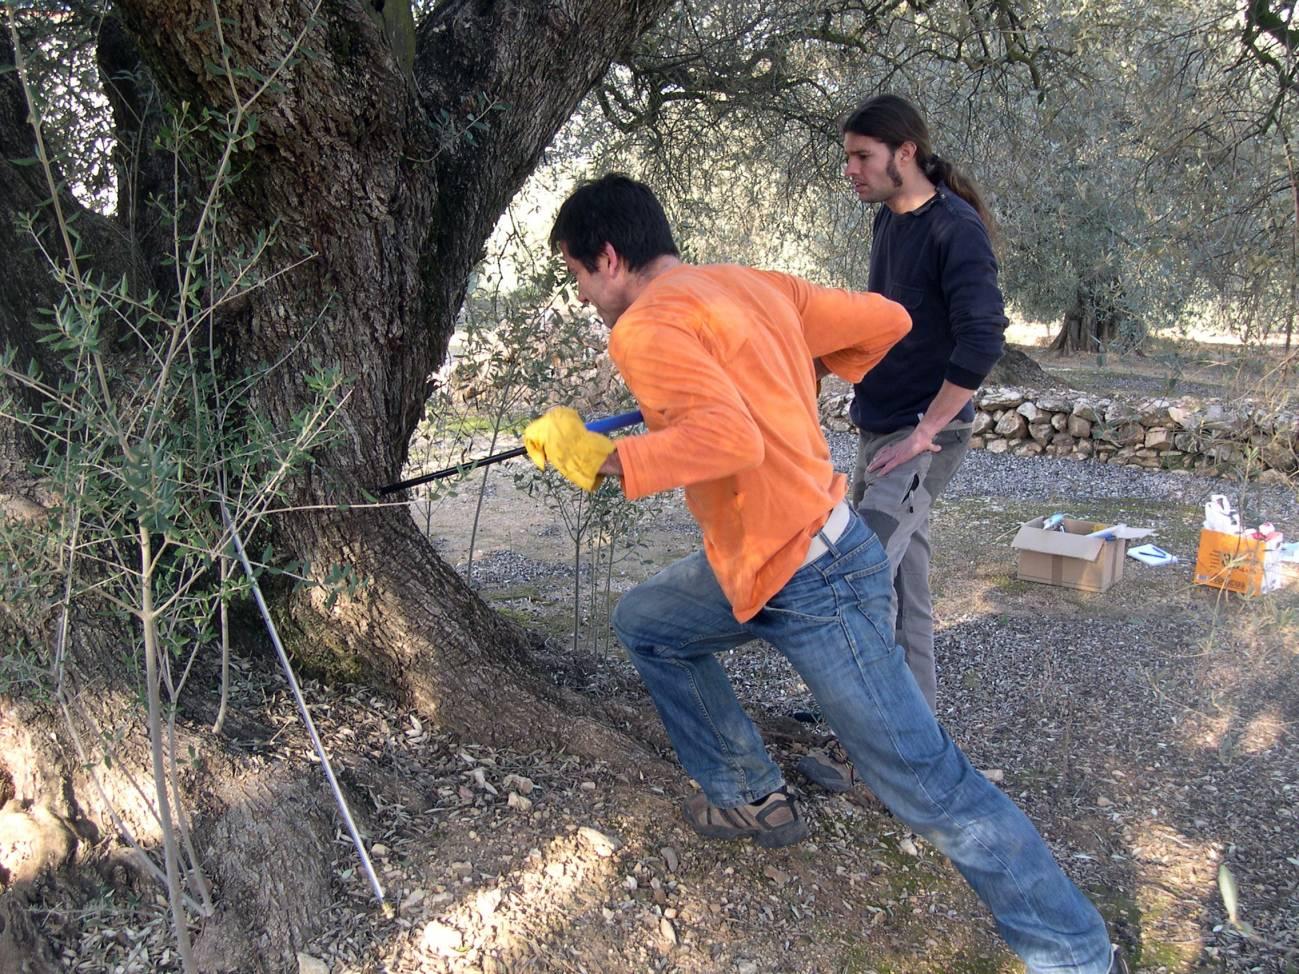 Investigadores del CREAF han investigado la edad de los olivos (Olea europea) 'milenarios' de la región litoral del Montsià, en Cataluña. Imagen: CREAF